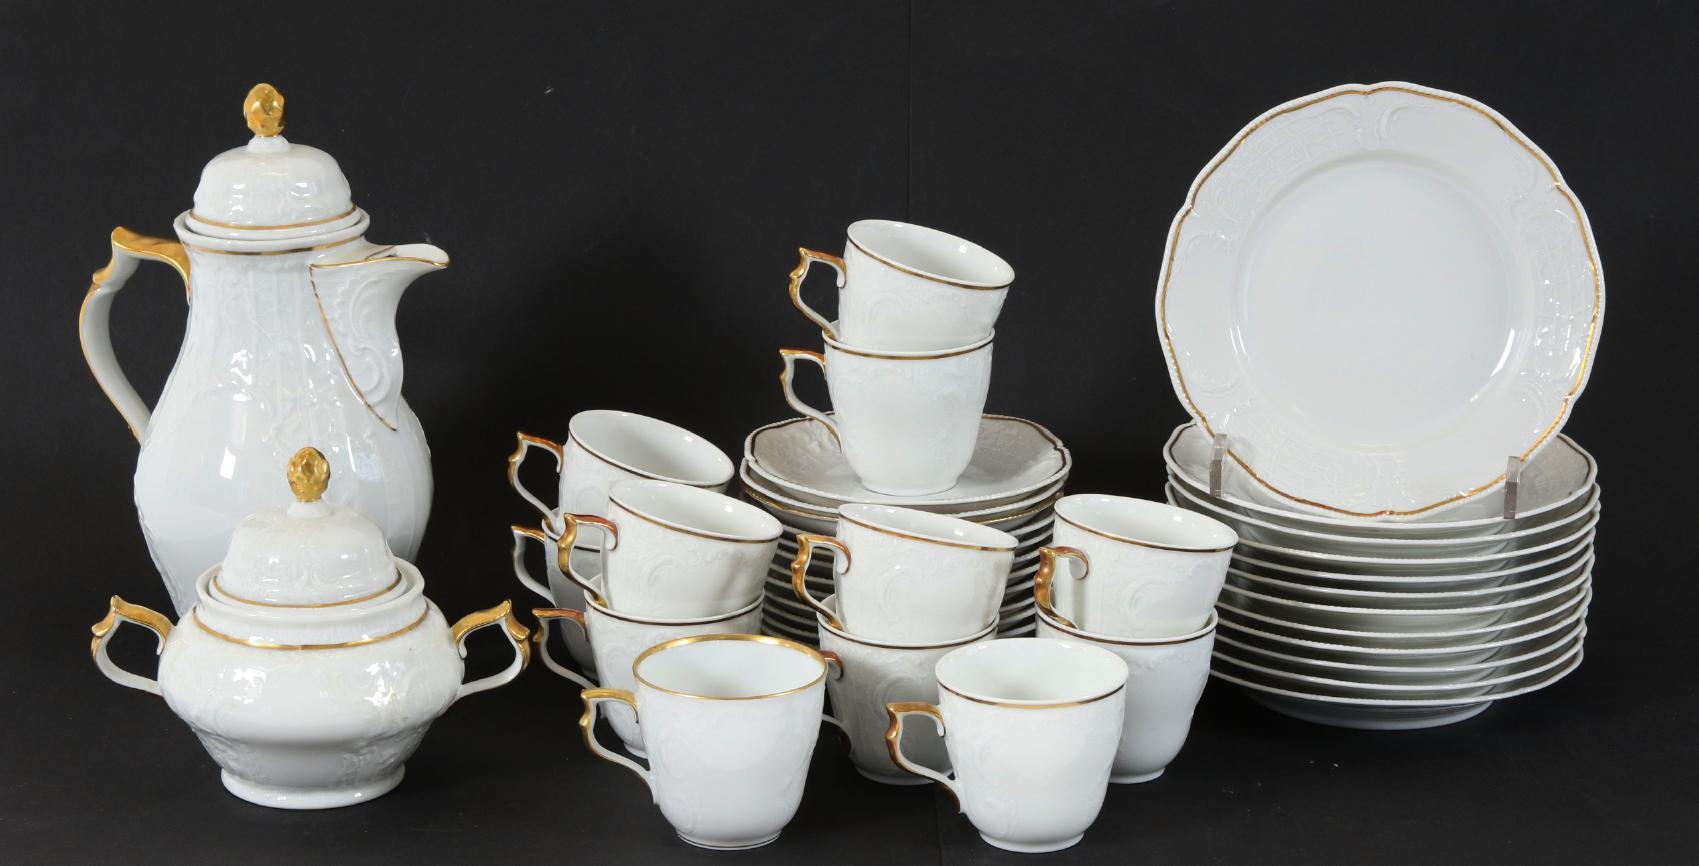 """Kaffeservis, """"Sanssouci"""", Rosenthal Med reliefdekor och förgyllda detaljer. 12st koppar-fat-assietter, sockerskål samt kaffekanna. Startpris: 100 SEK."""